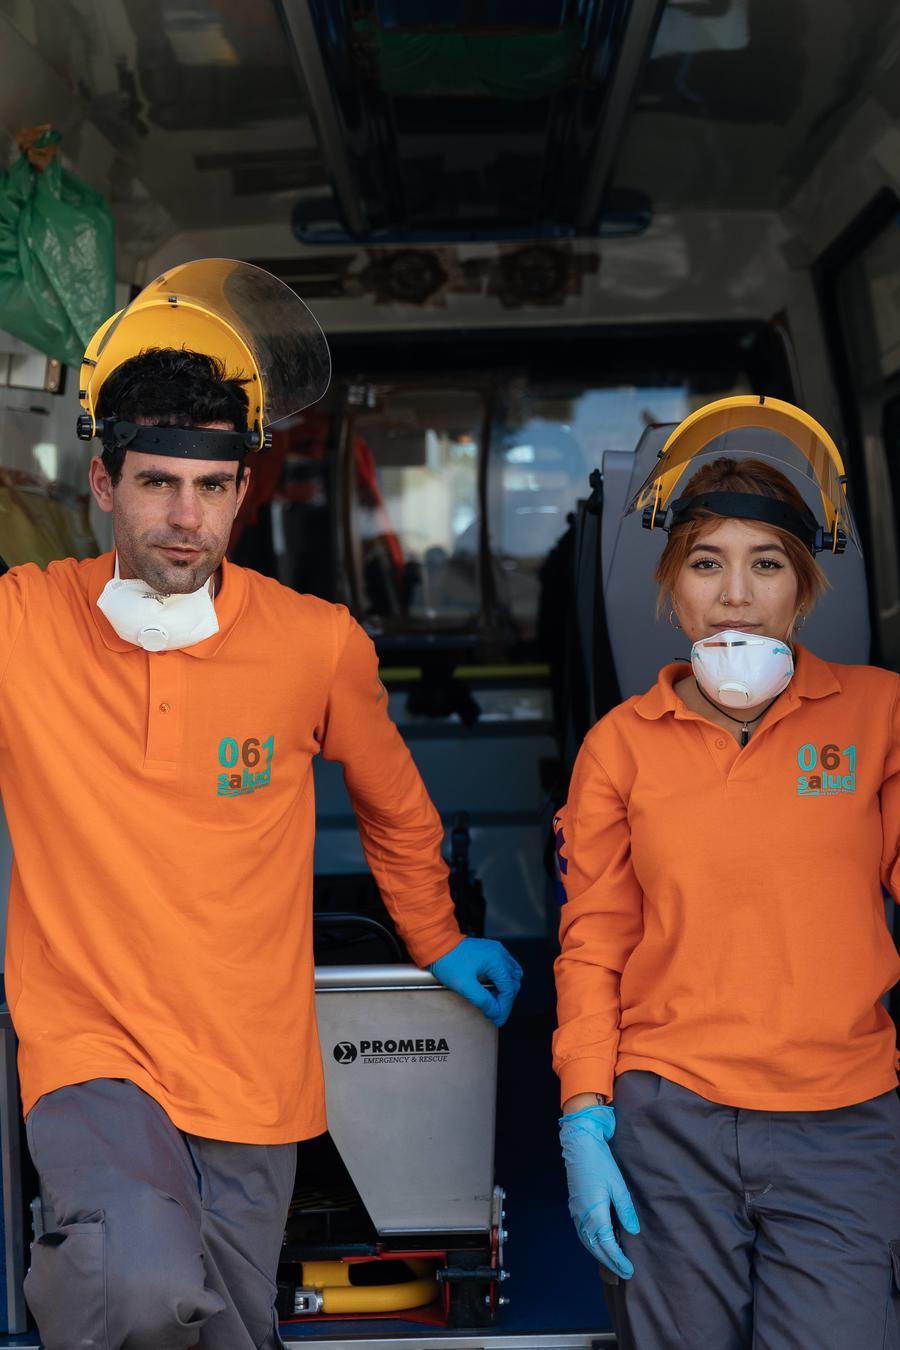 José y Leidy, un técnico de salud auxiliar y una conductora de ambulancia del Servicio de Salud de Aragones 061, descansan luego de transladar a un paciente con COVID-19 al hospital San Jorge en Huesca, España.